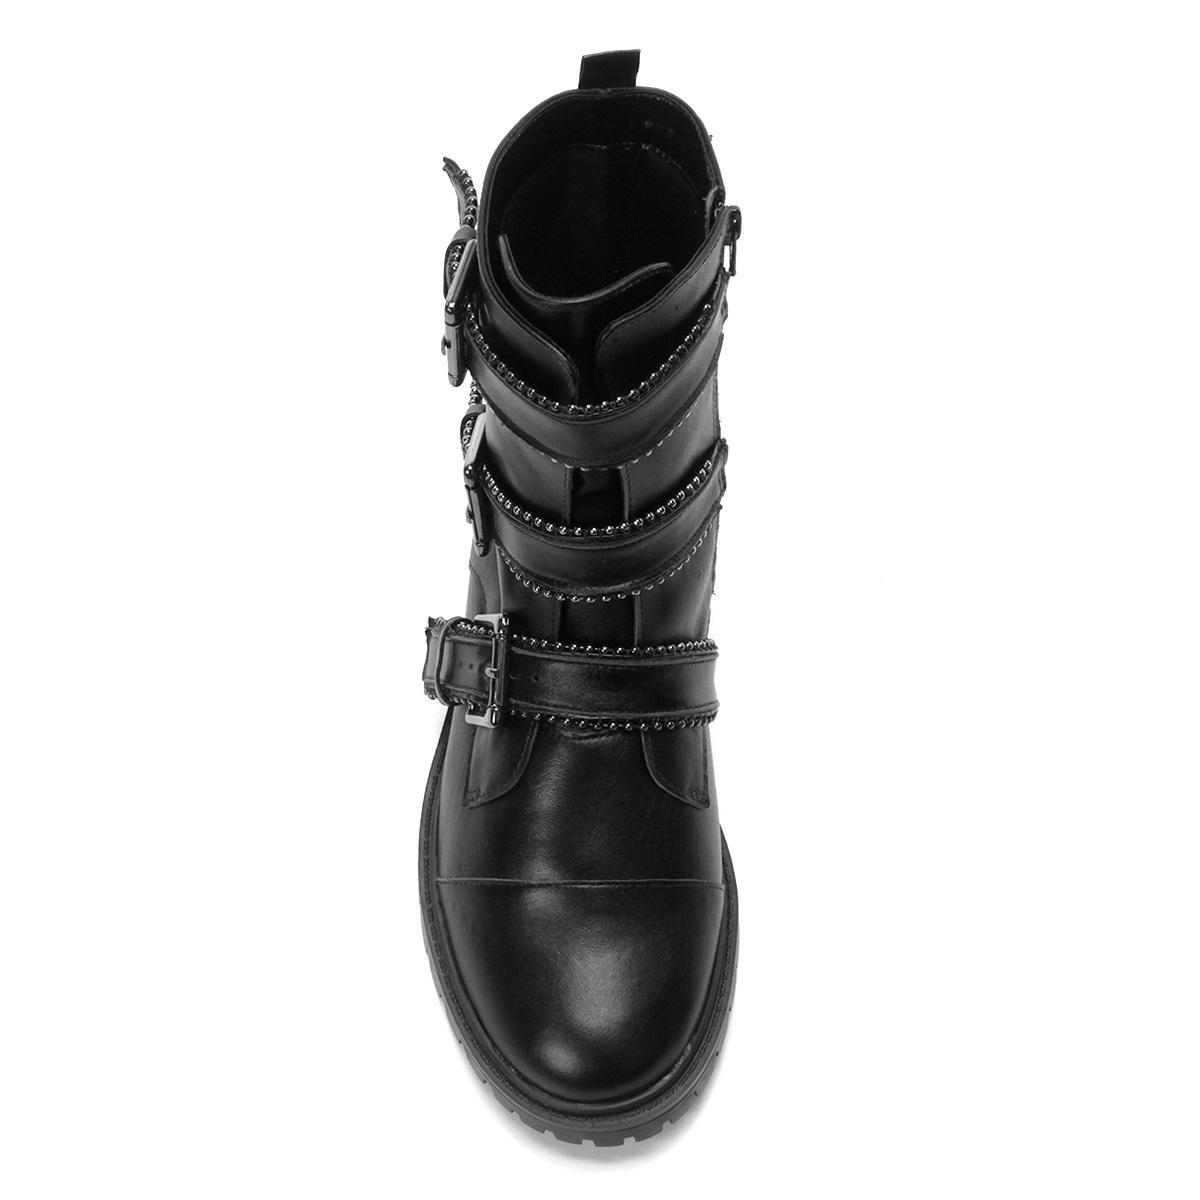 b3ea6e260 Bota Coturno Shoestock Couro Fivelas Feminina - R$ 449,90 em Mercado ...